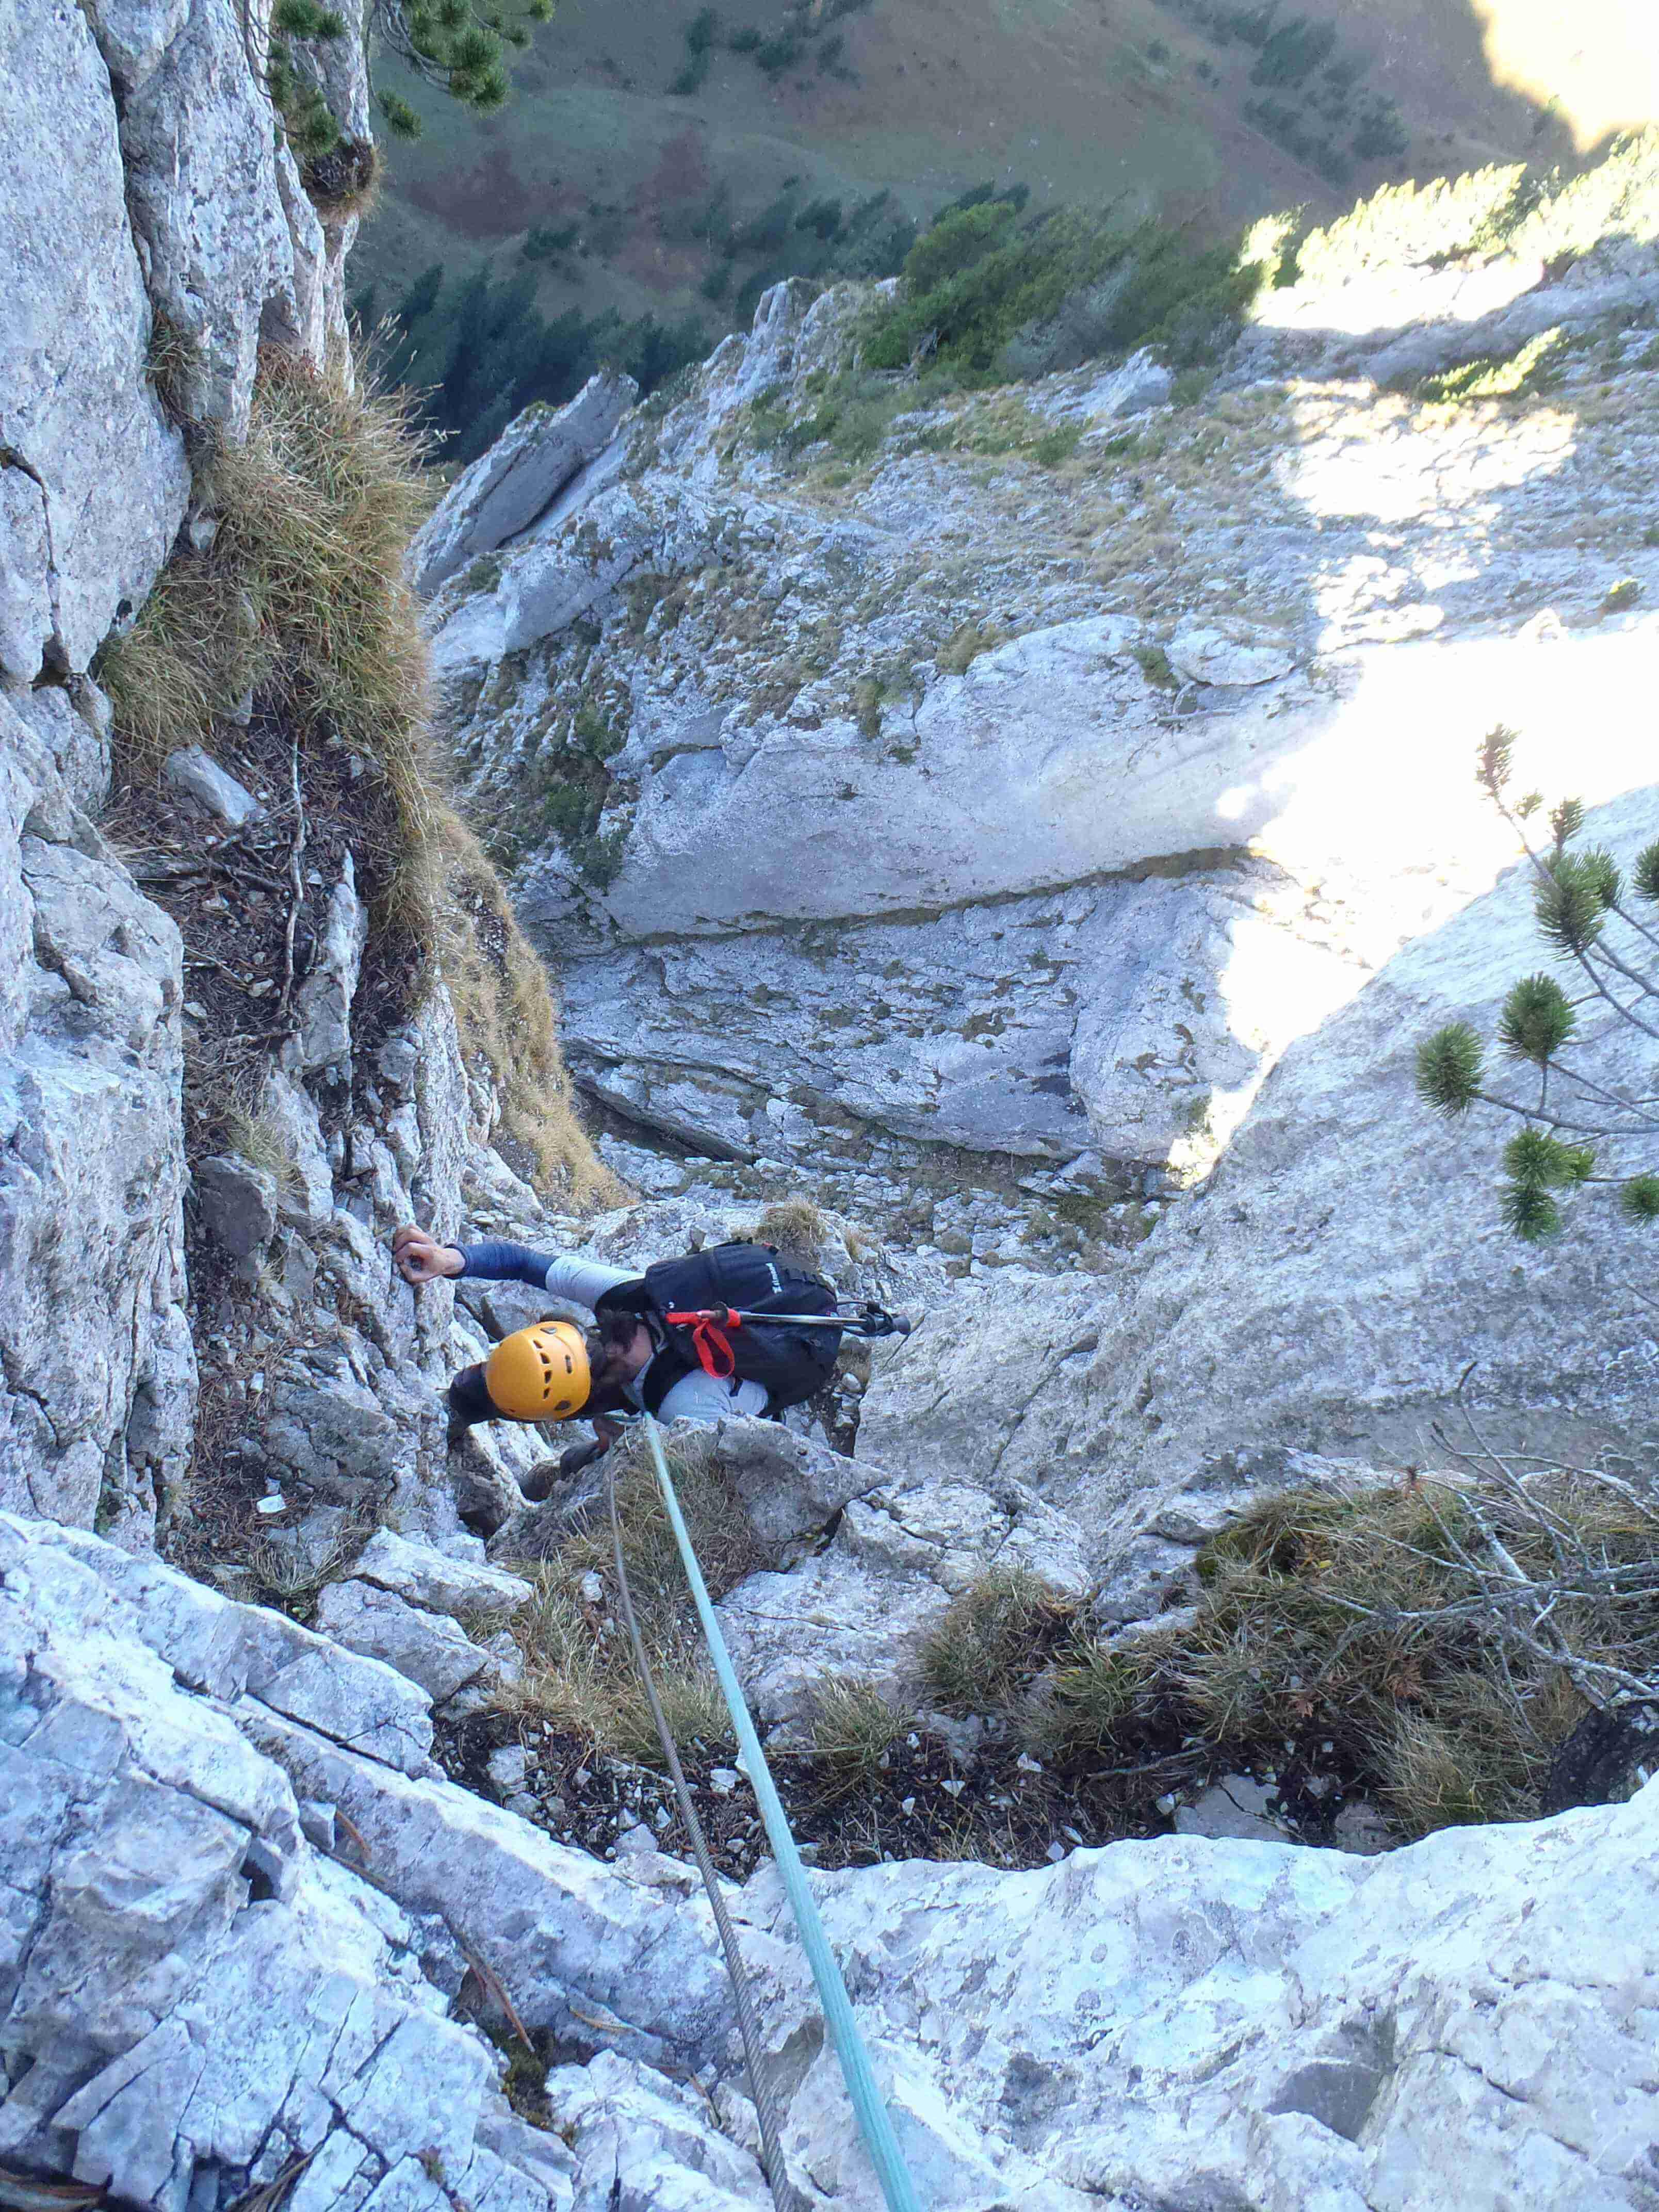 La traversée du Mont Chauffée - Chevauchée d'arête facile au coeur du Chablais